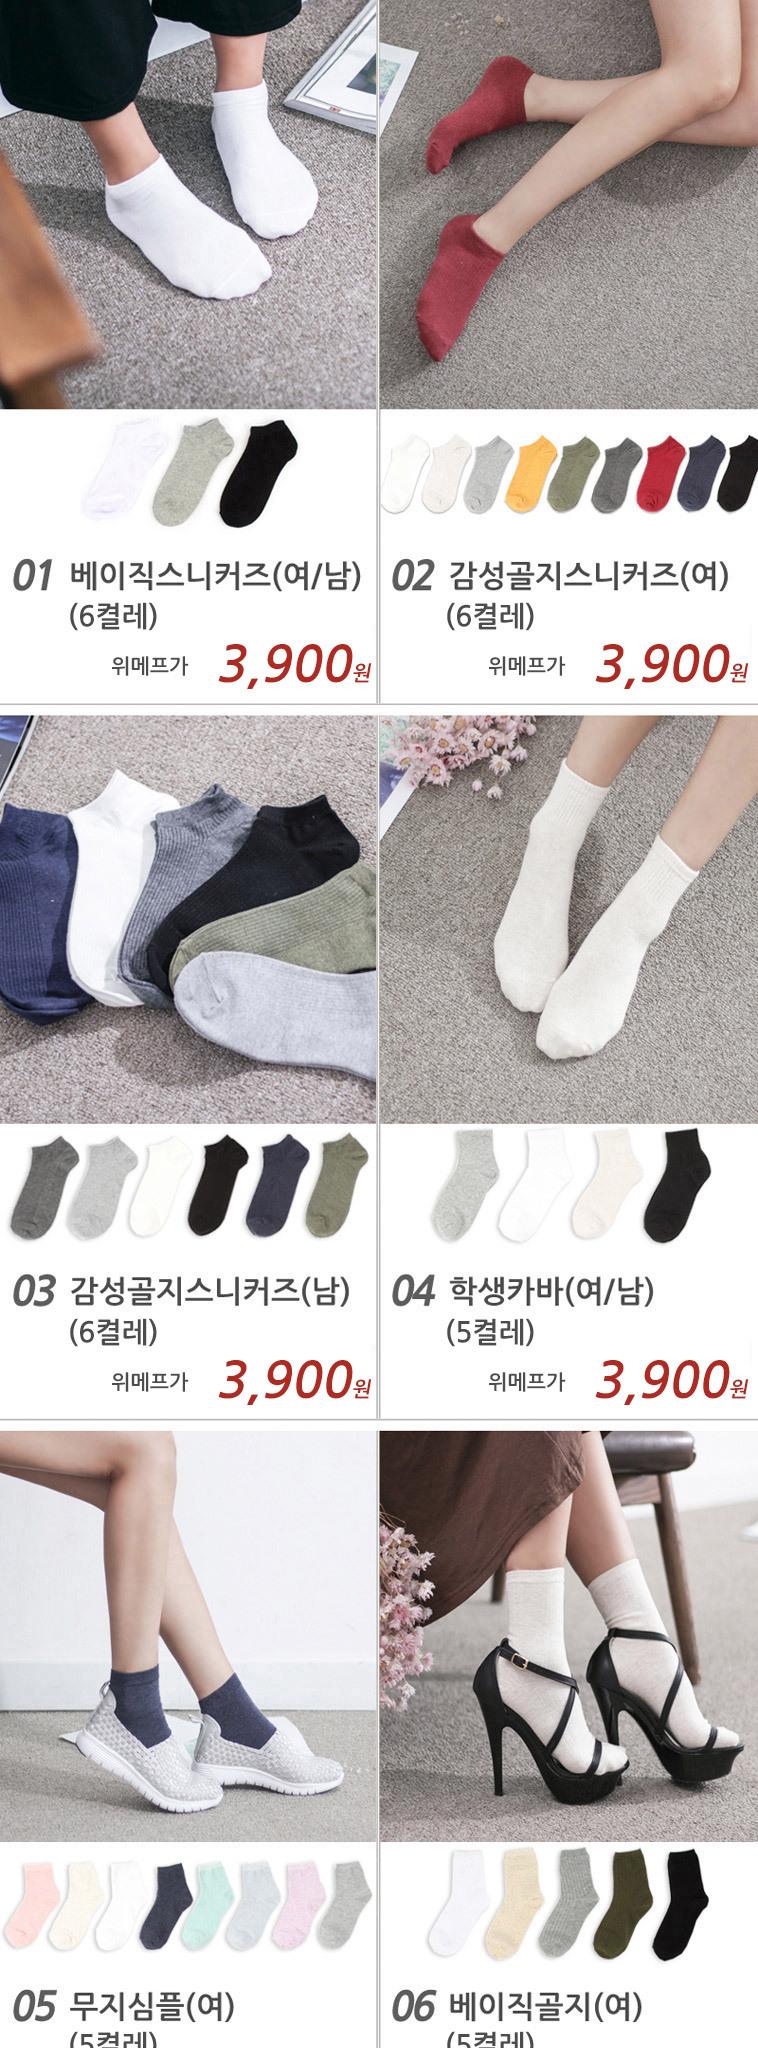 [명예의전당] 패션양말 세트 구성 - 상세정보